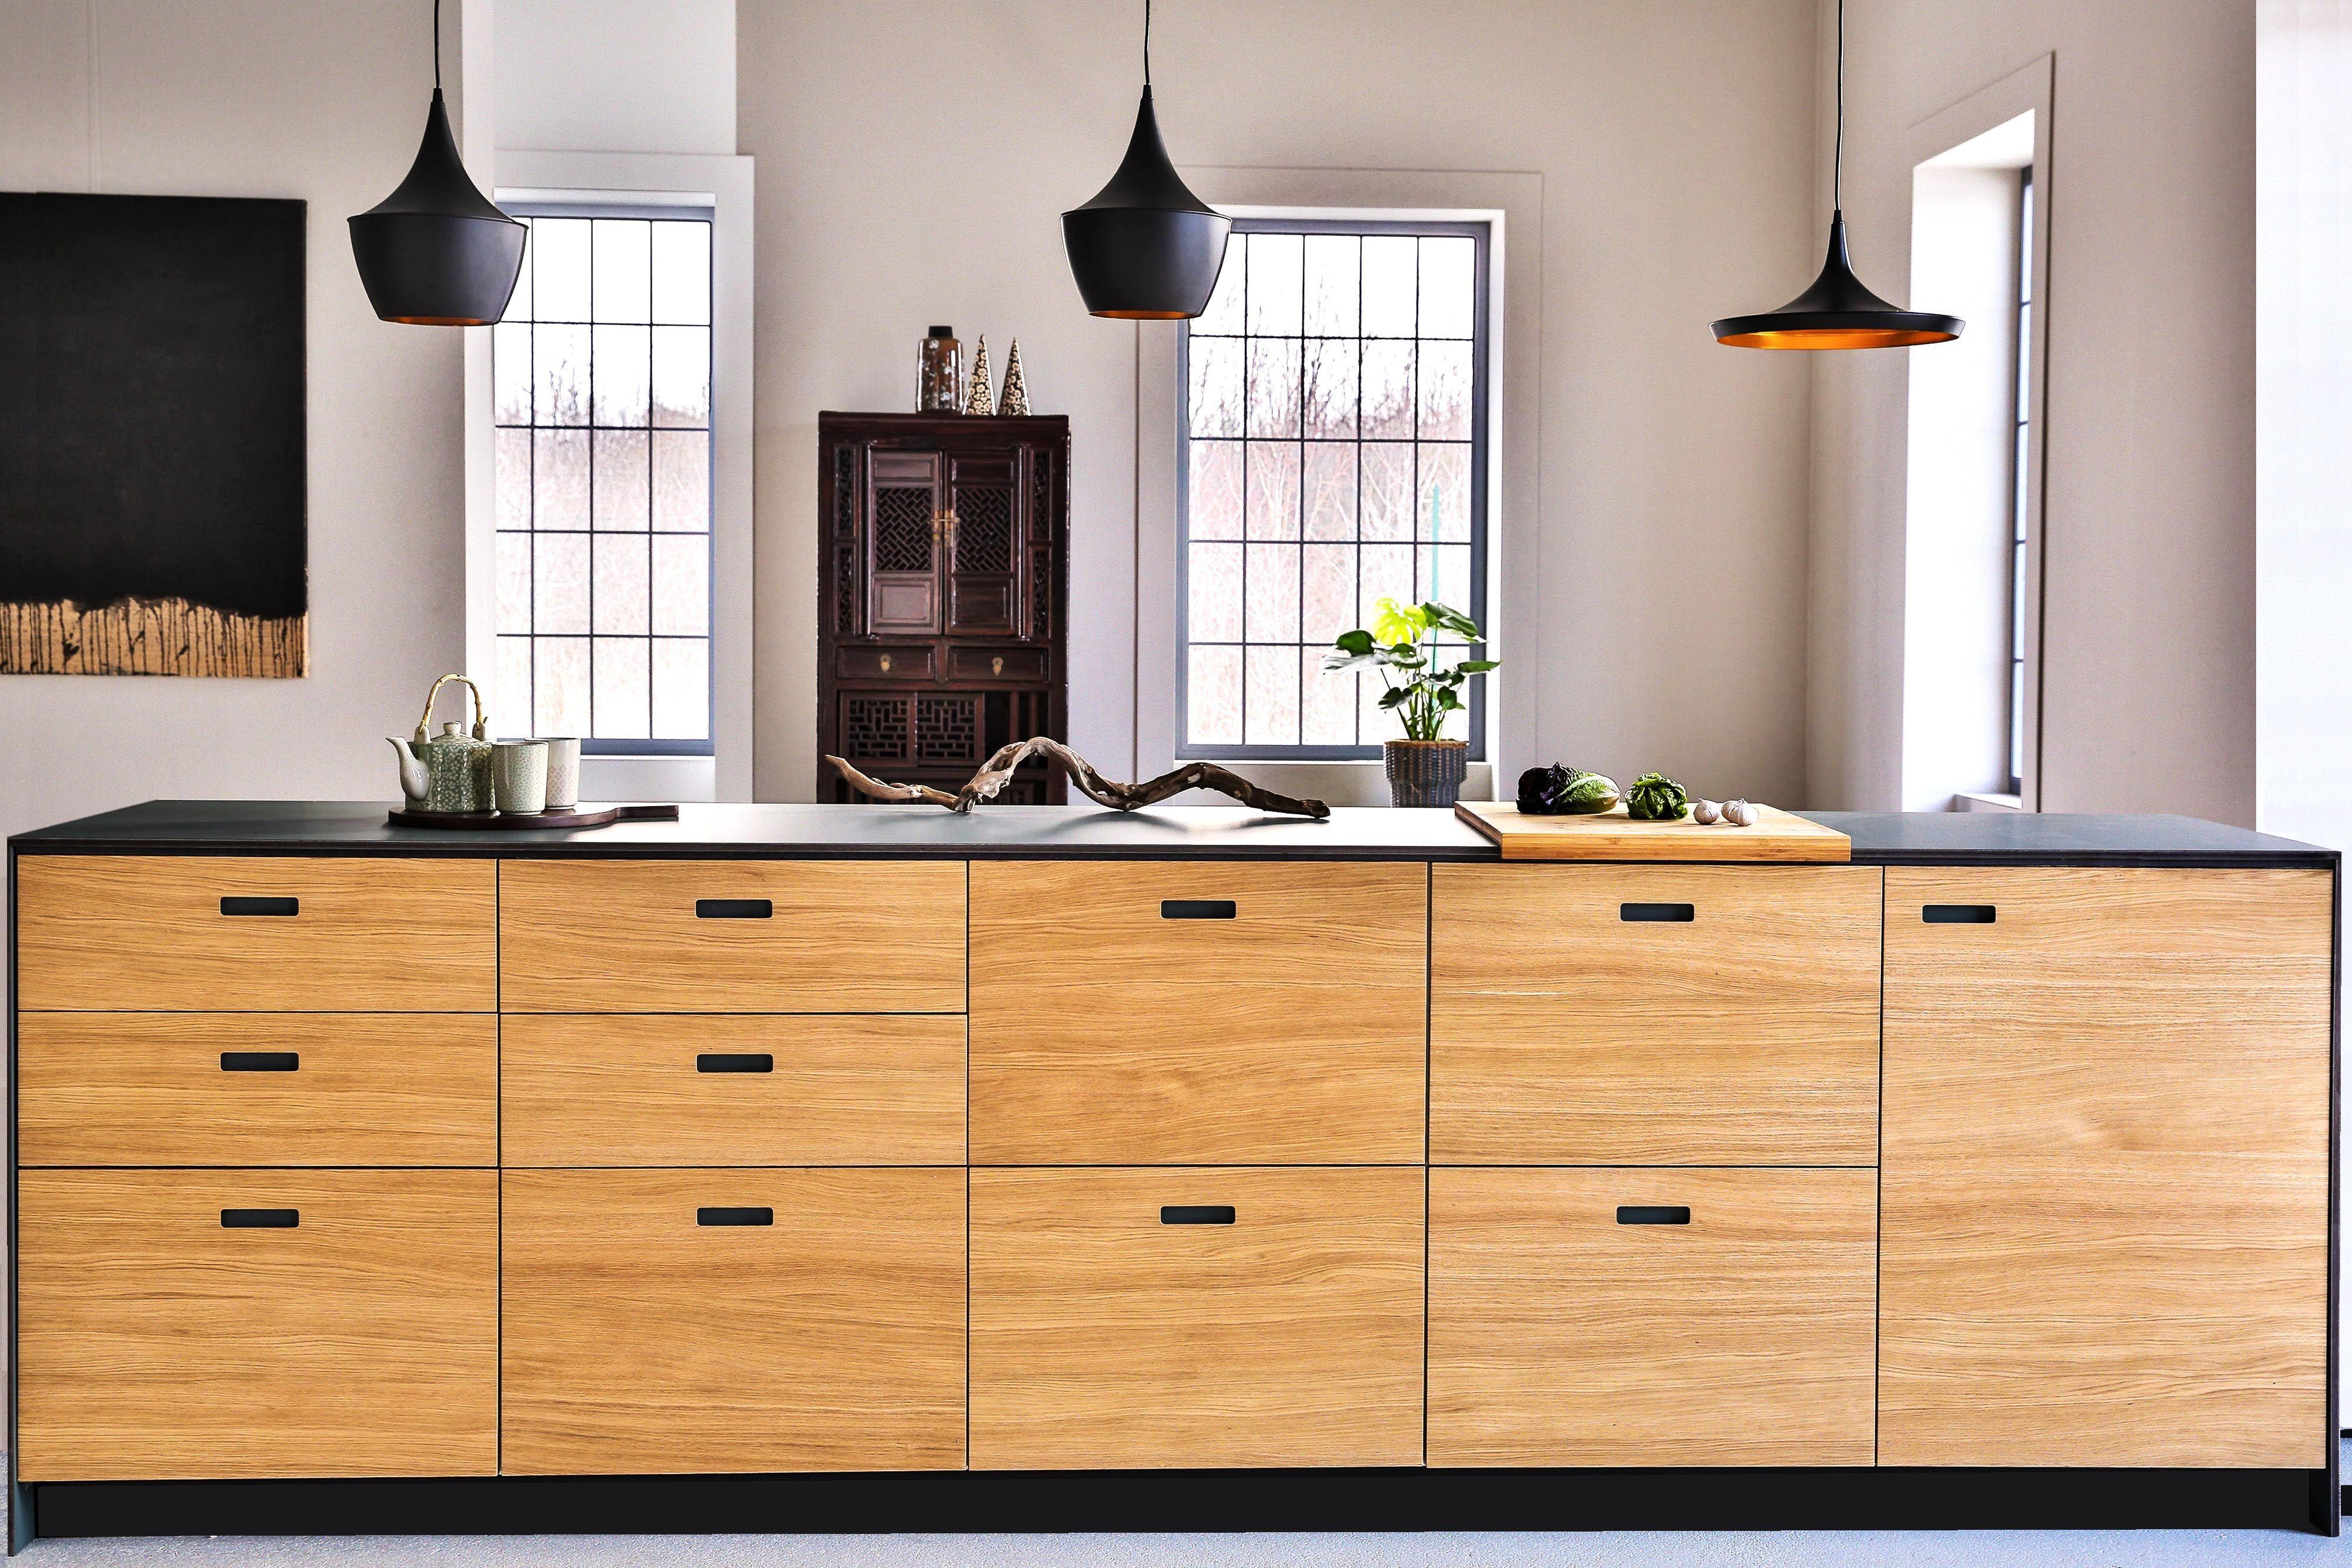 Ikea Hacking _Küchenfronten  Ikea küchen fronten, Küchen fronten